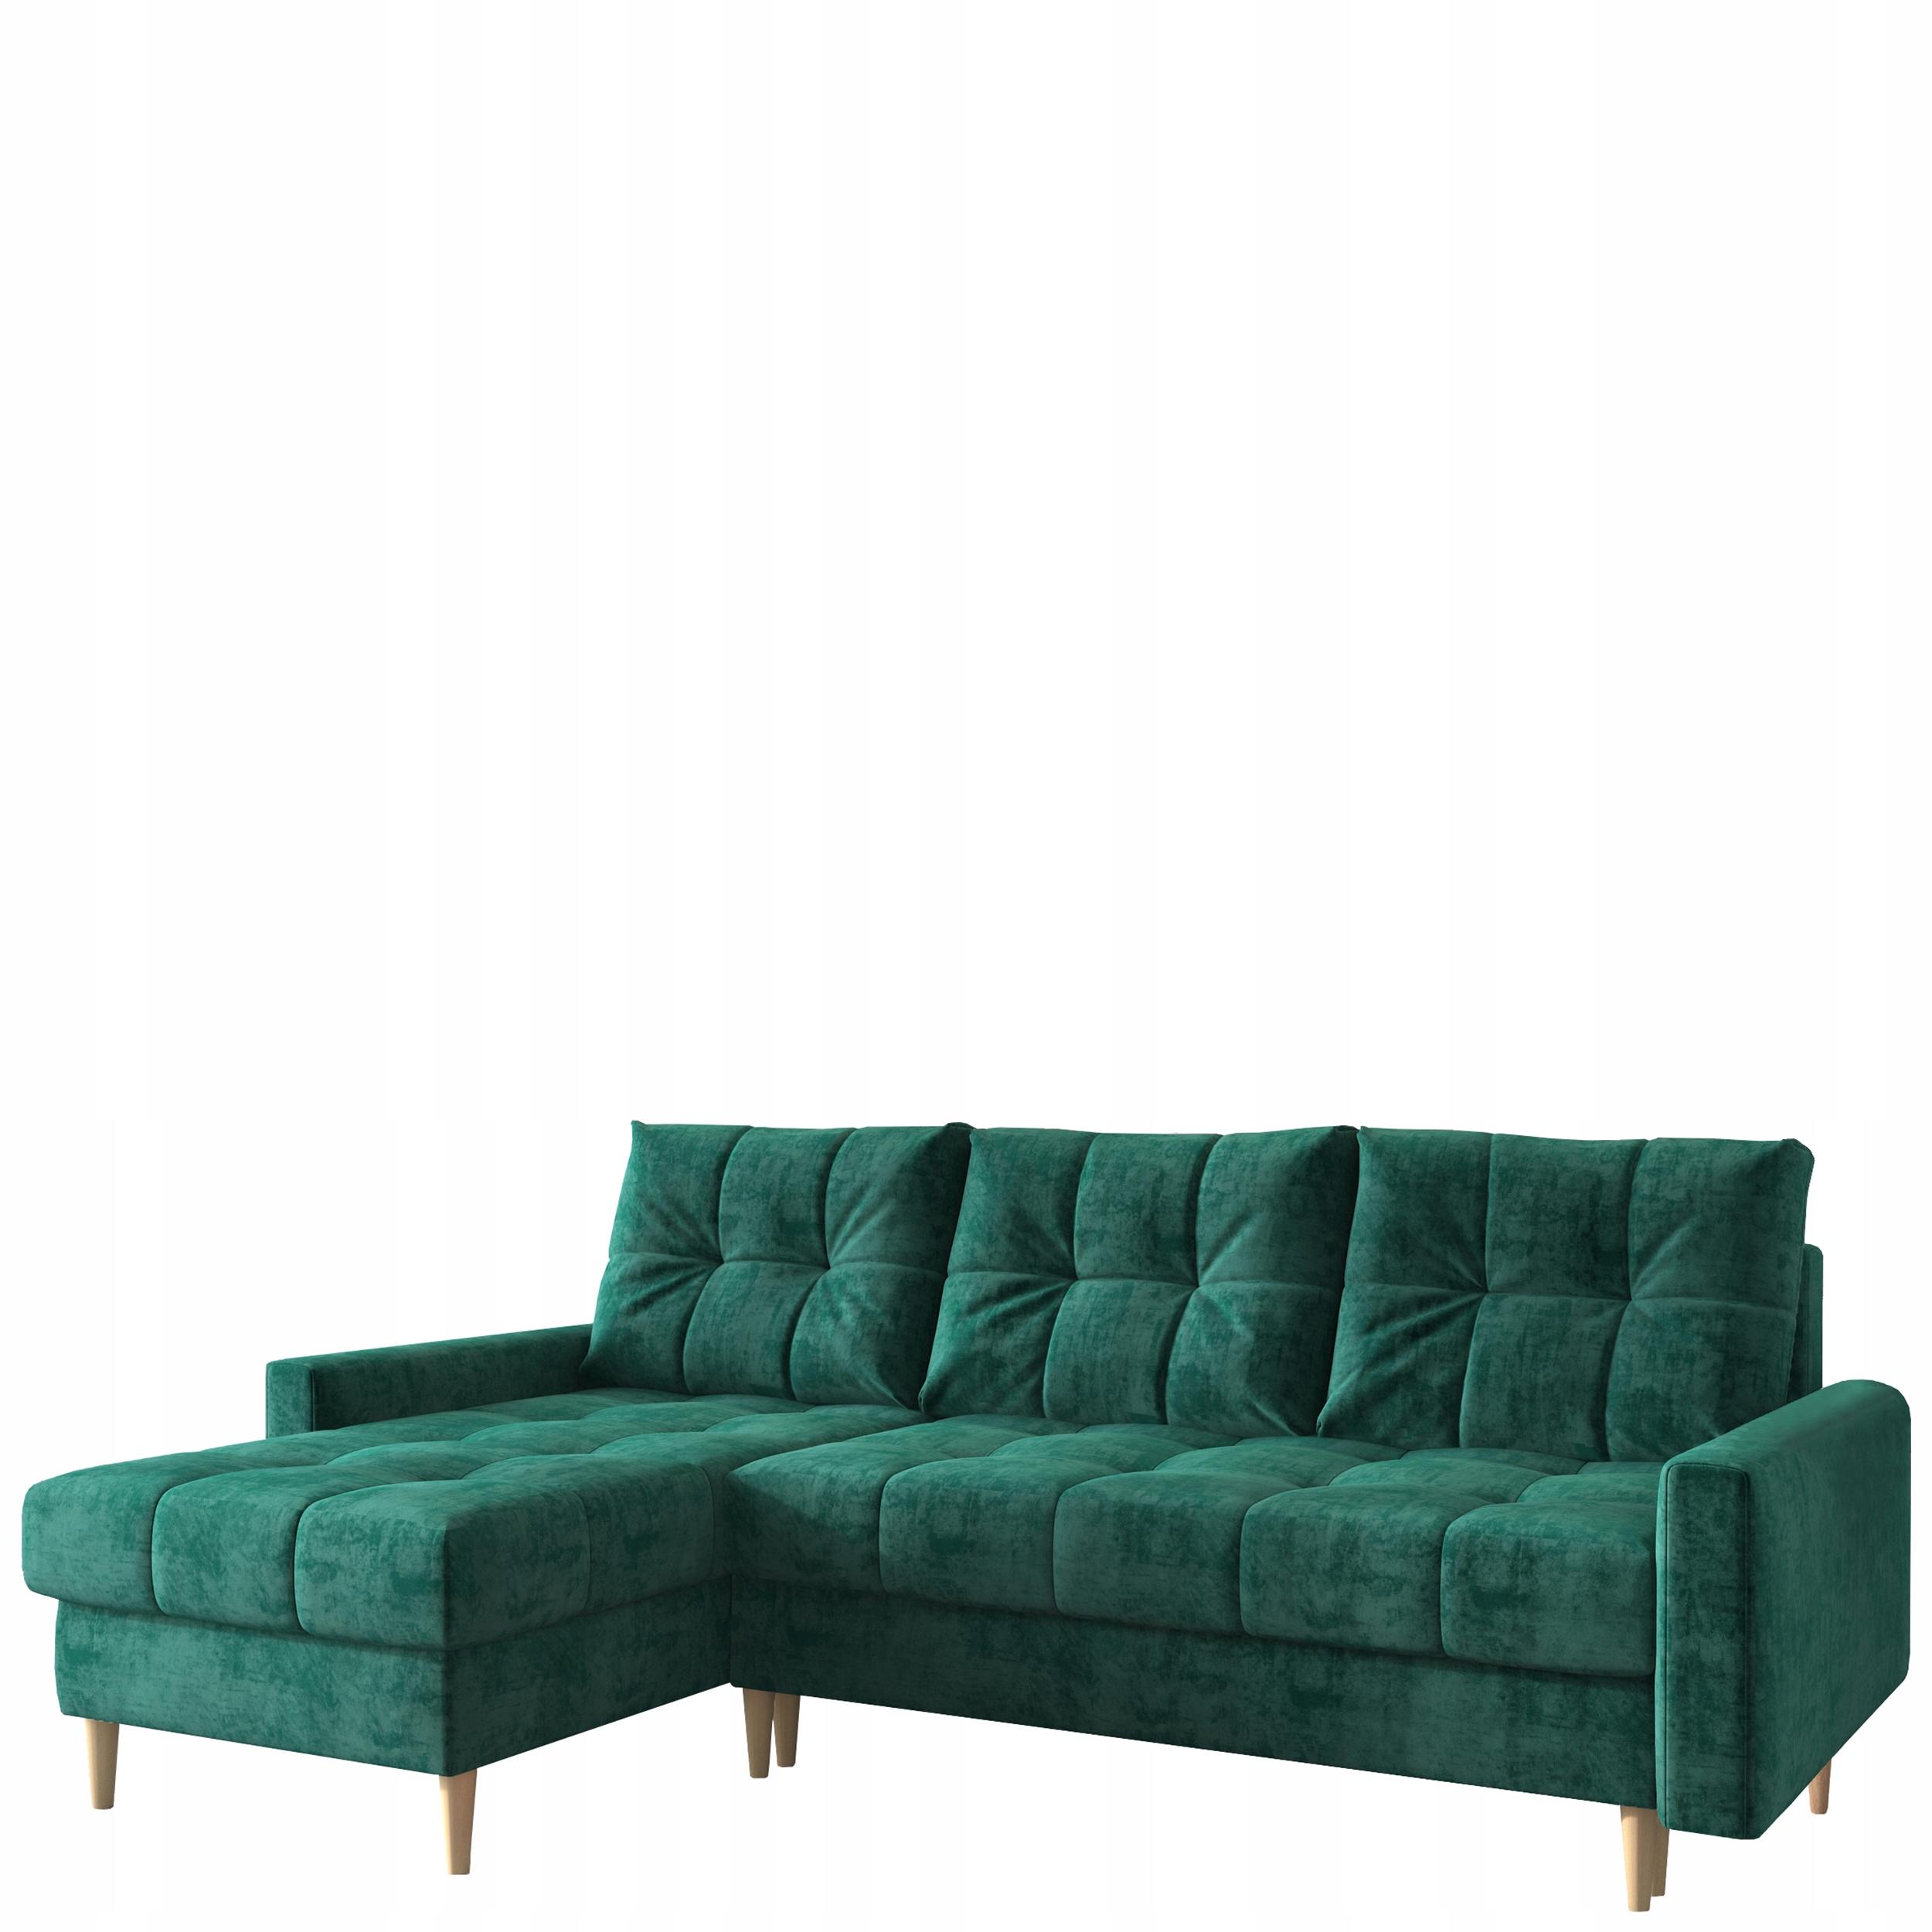 Скандинавский угловой диван-кровать зеленый